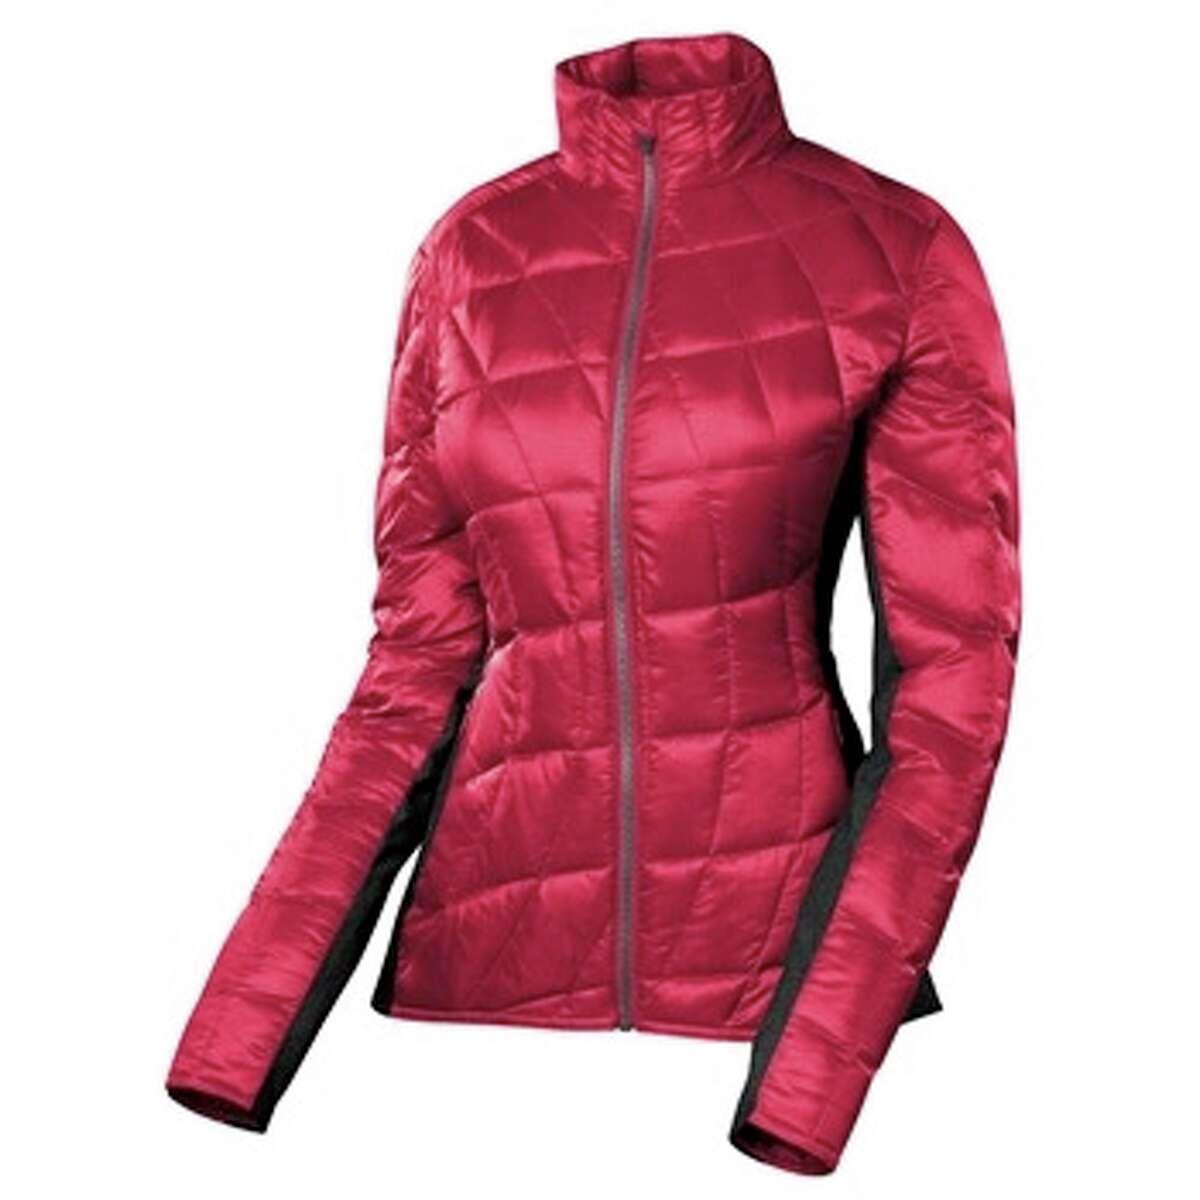 Sierra Designs DriDown Women's Capiz Jacket